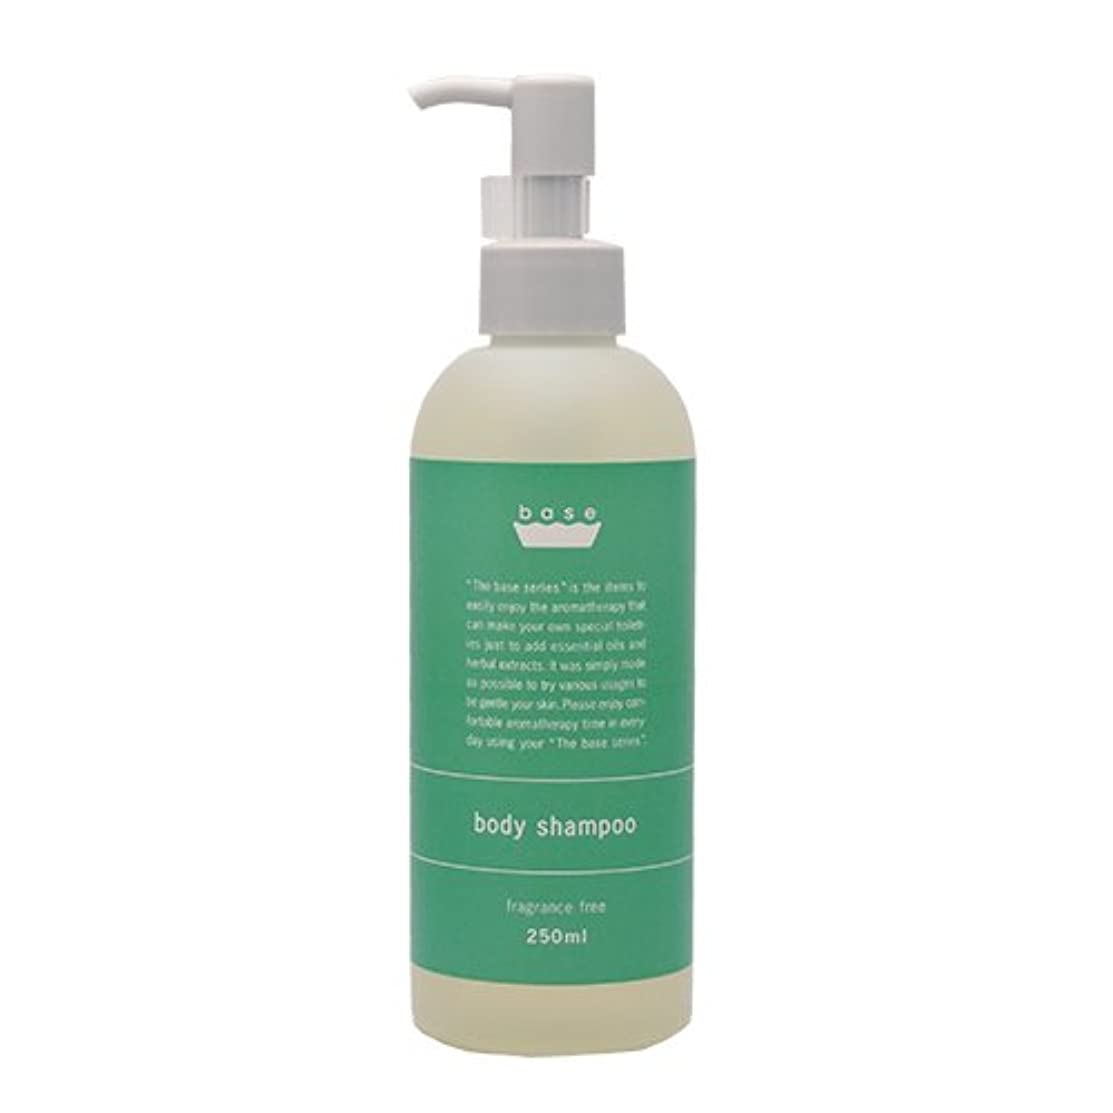 才能タブレットマイルフレーバーライフ(Flavor Life) フレーバーライフ base body shampoo(ボディーシャンプー)250ml ボディソープ